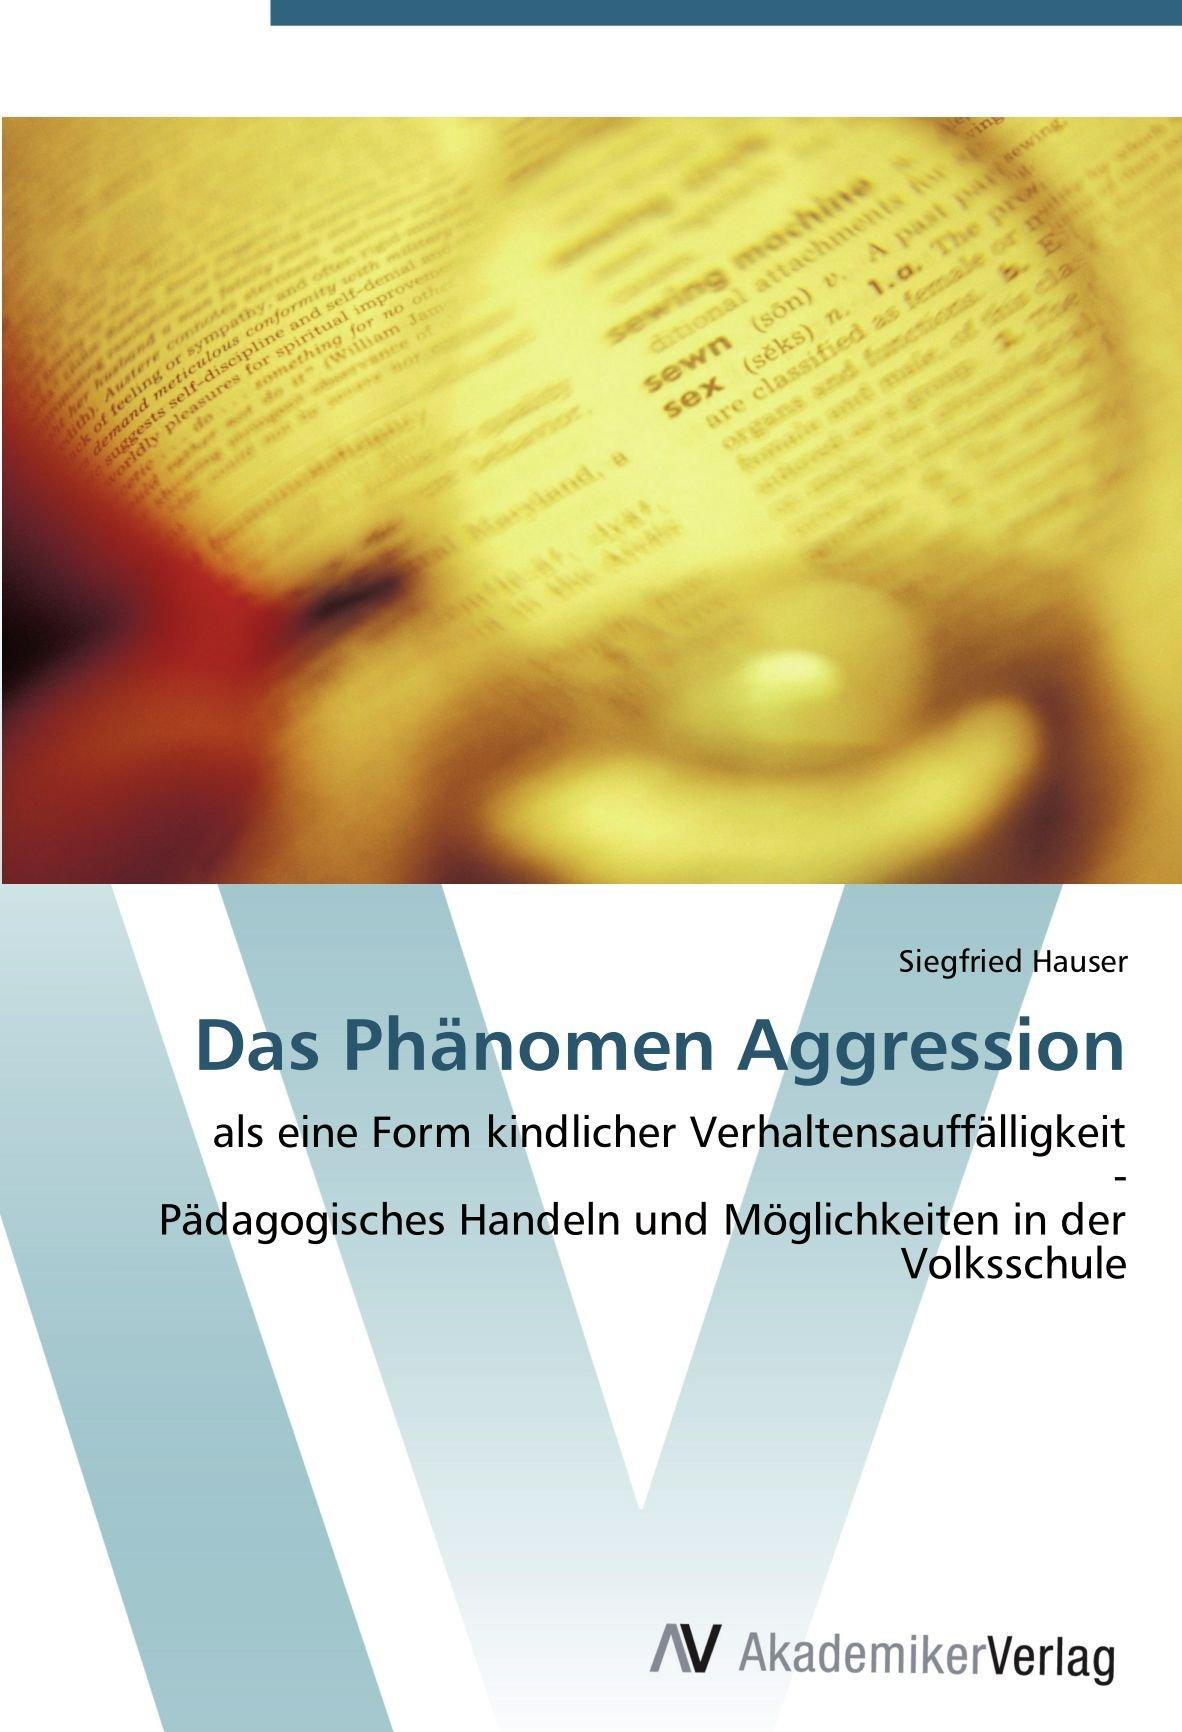 Download Das Phänomen Aggression: als eine Form kindlicher Verhaltensauffälligkeit  -  Pädagogisches Handeln und Möglichkeiten in der Volksschule (German Edition) ebook